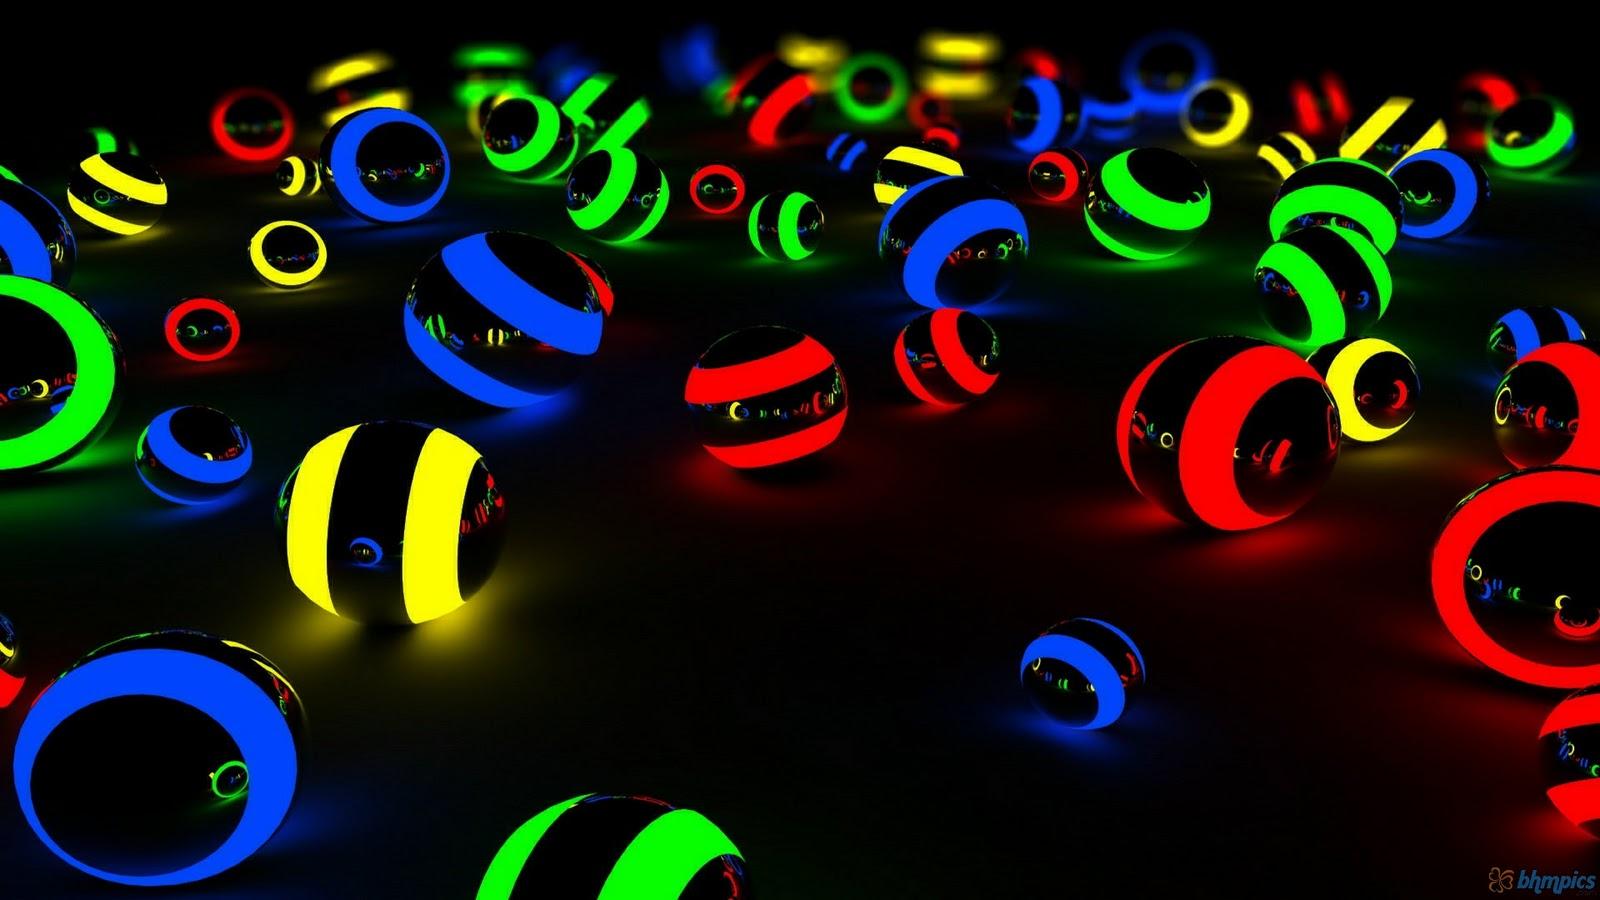 http://2.bp.blogspot.com/-l7Y1CBeYYj0/Tucmr-DQlmI/AAAAAAAAAZM/cGBFCKaGpvU/s1600/glowing_balls-1920x1080.jpg